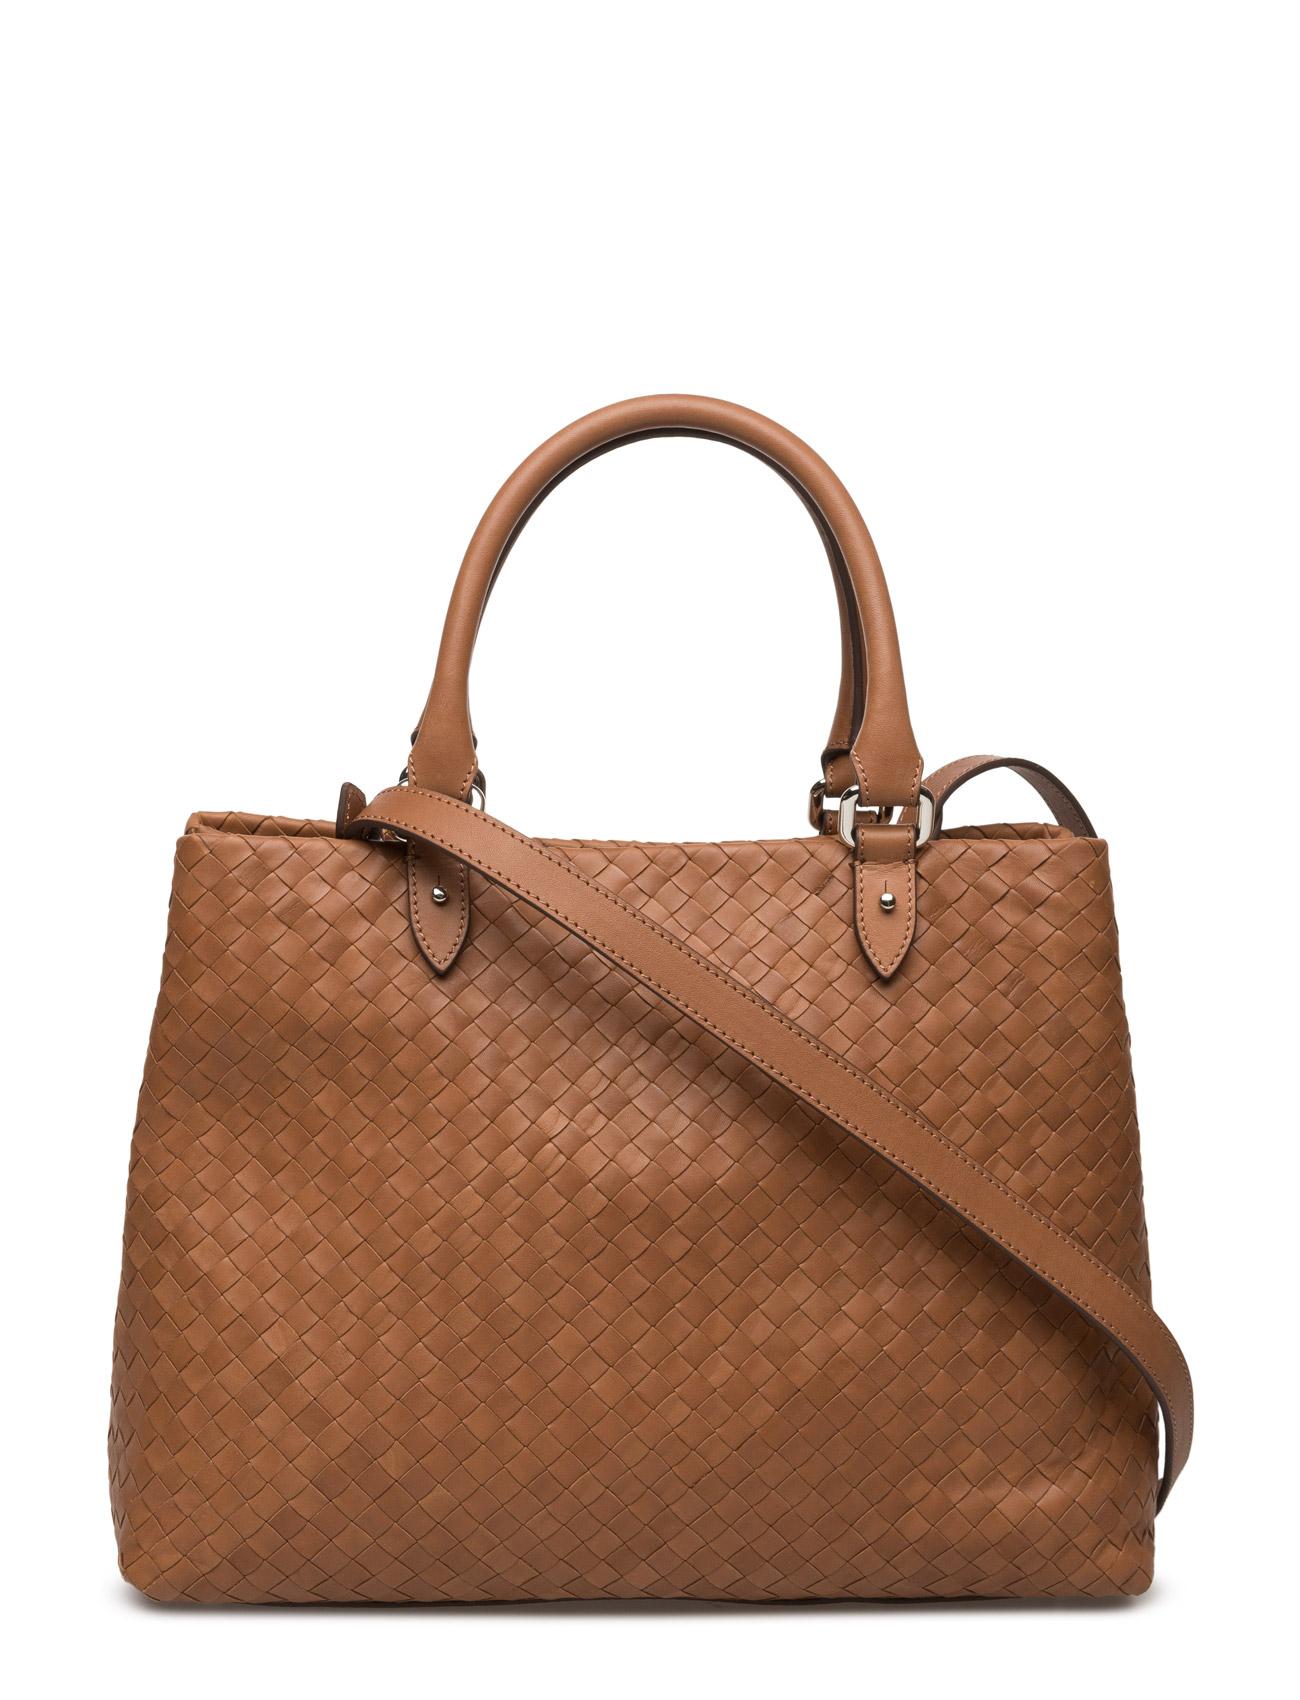 Woven Hand Bag With Strap Decadent Skuldertasker til Damer i cognac